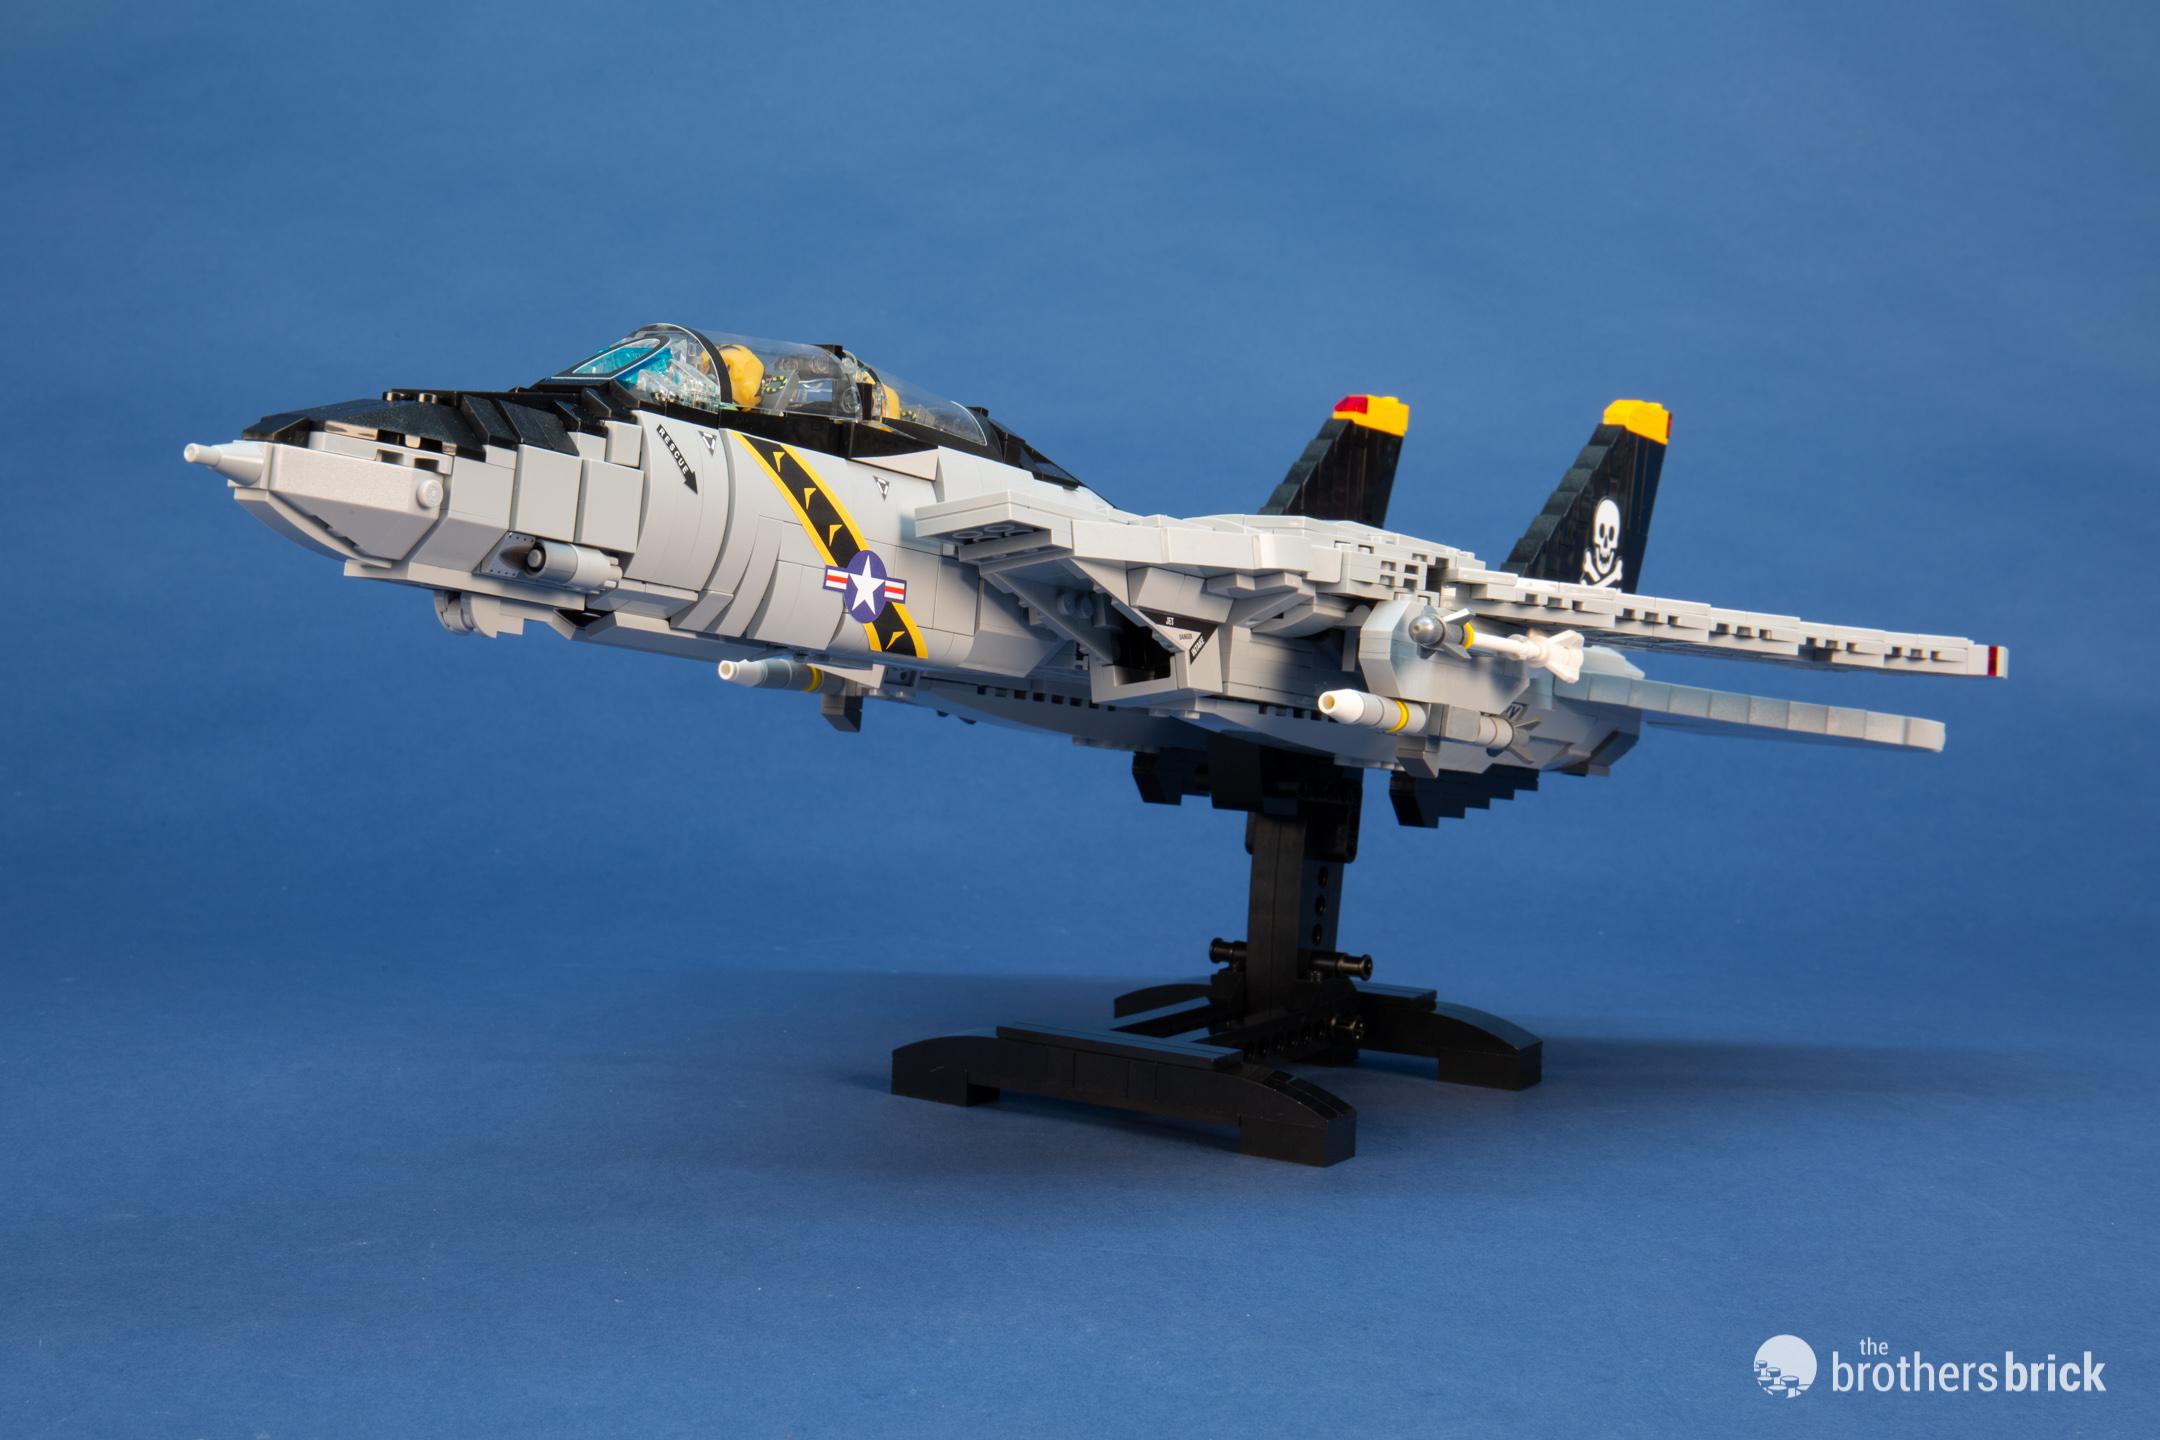 Brickmania 1033 F-14 Tomcat Supersonic Air Superiority